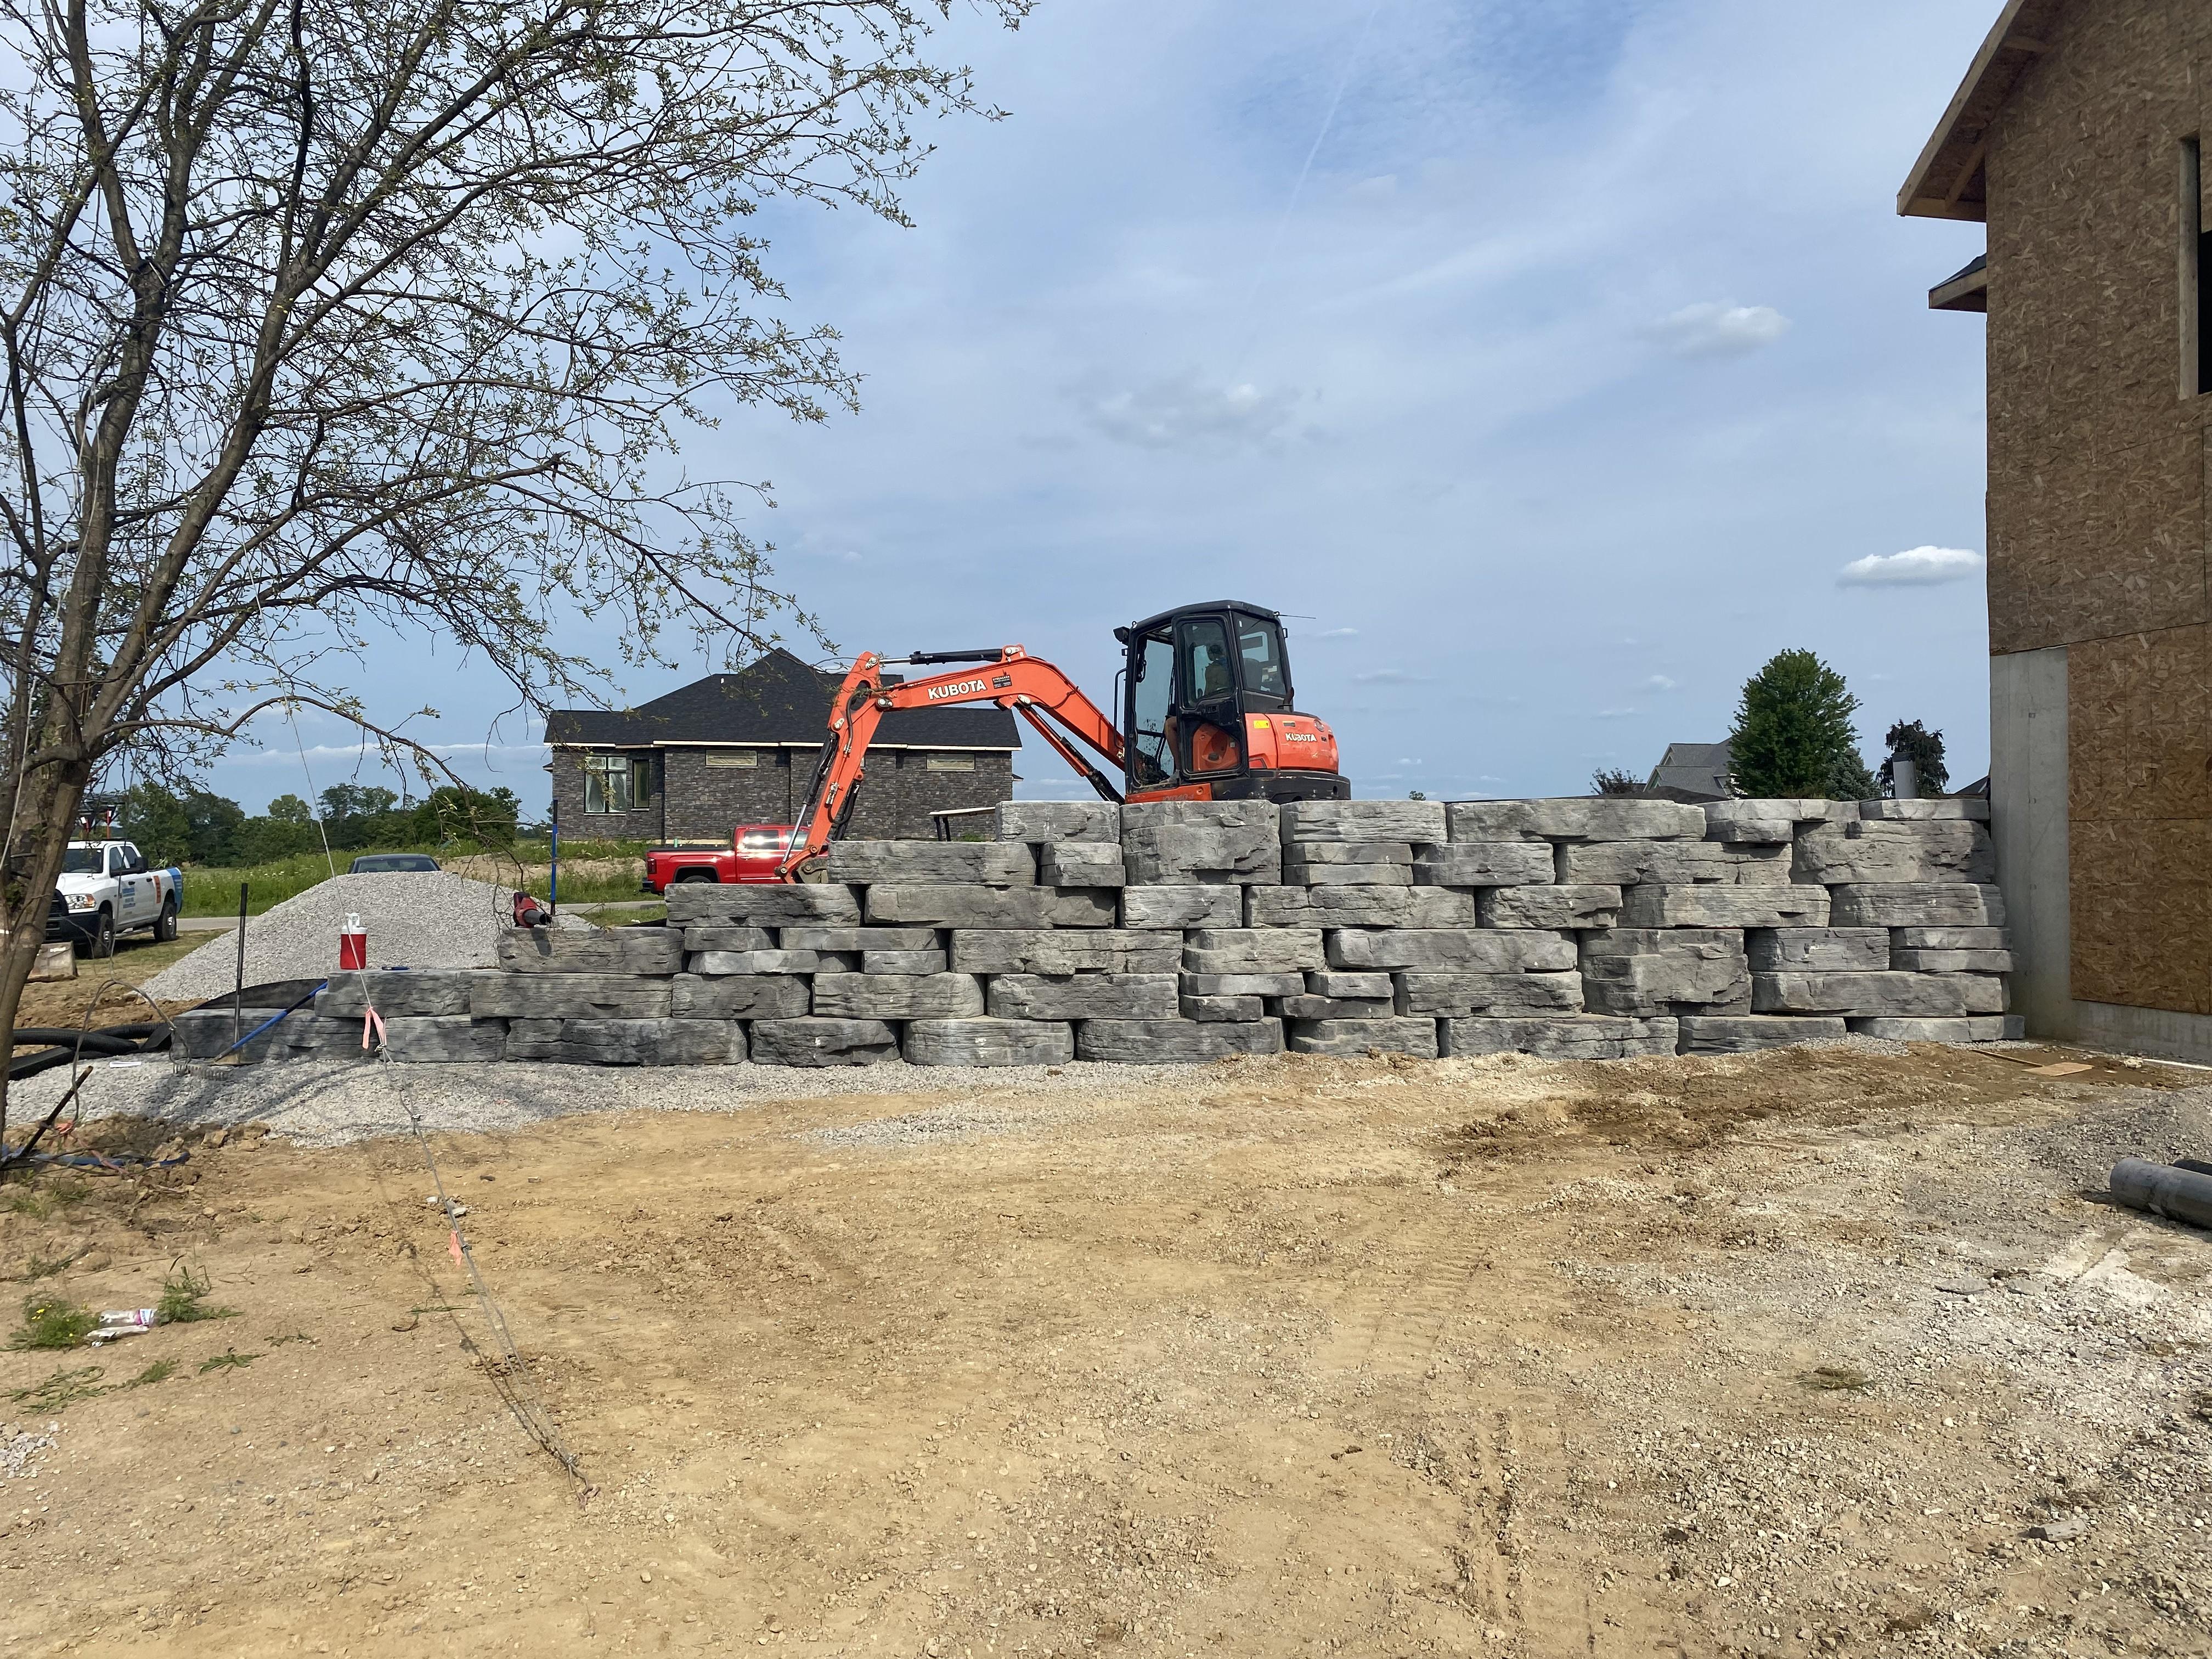 Rosetta Retaining Wall Installation